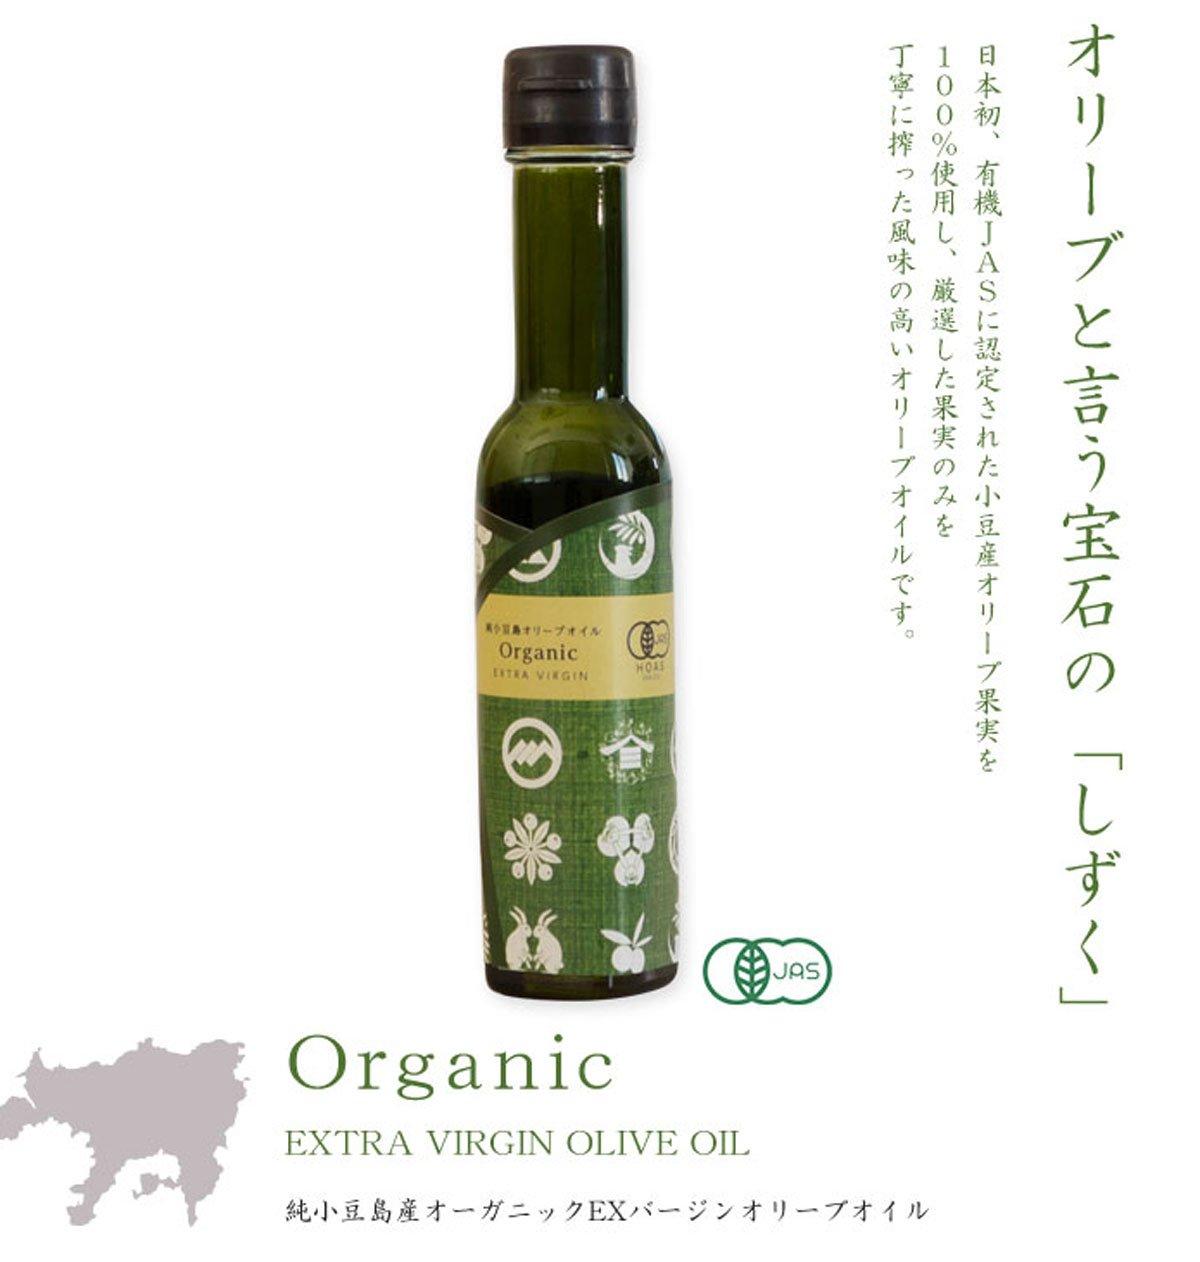 有機JAS 純小豆島産オーガニックエキストラバージンオリーブオイルを見る»